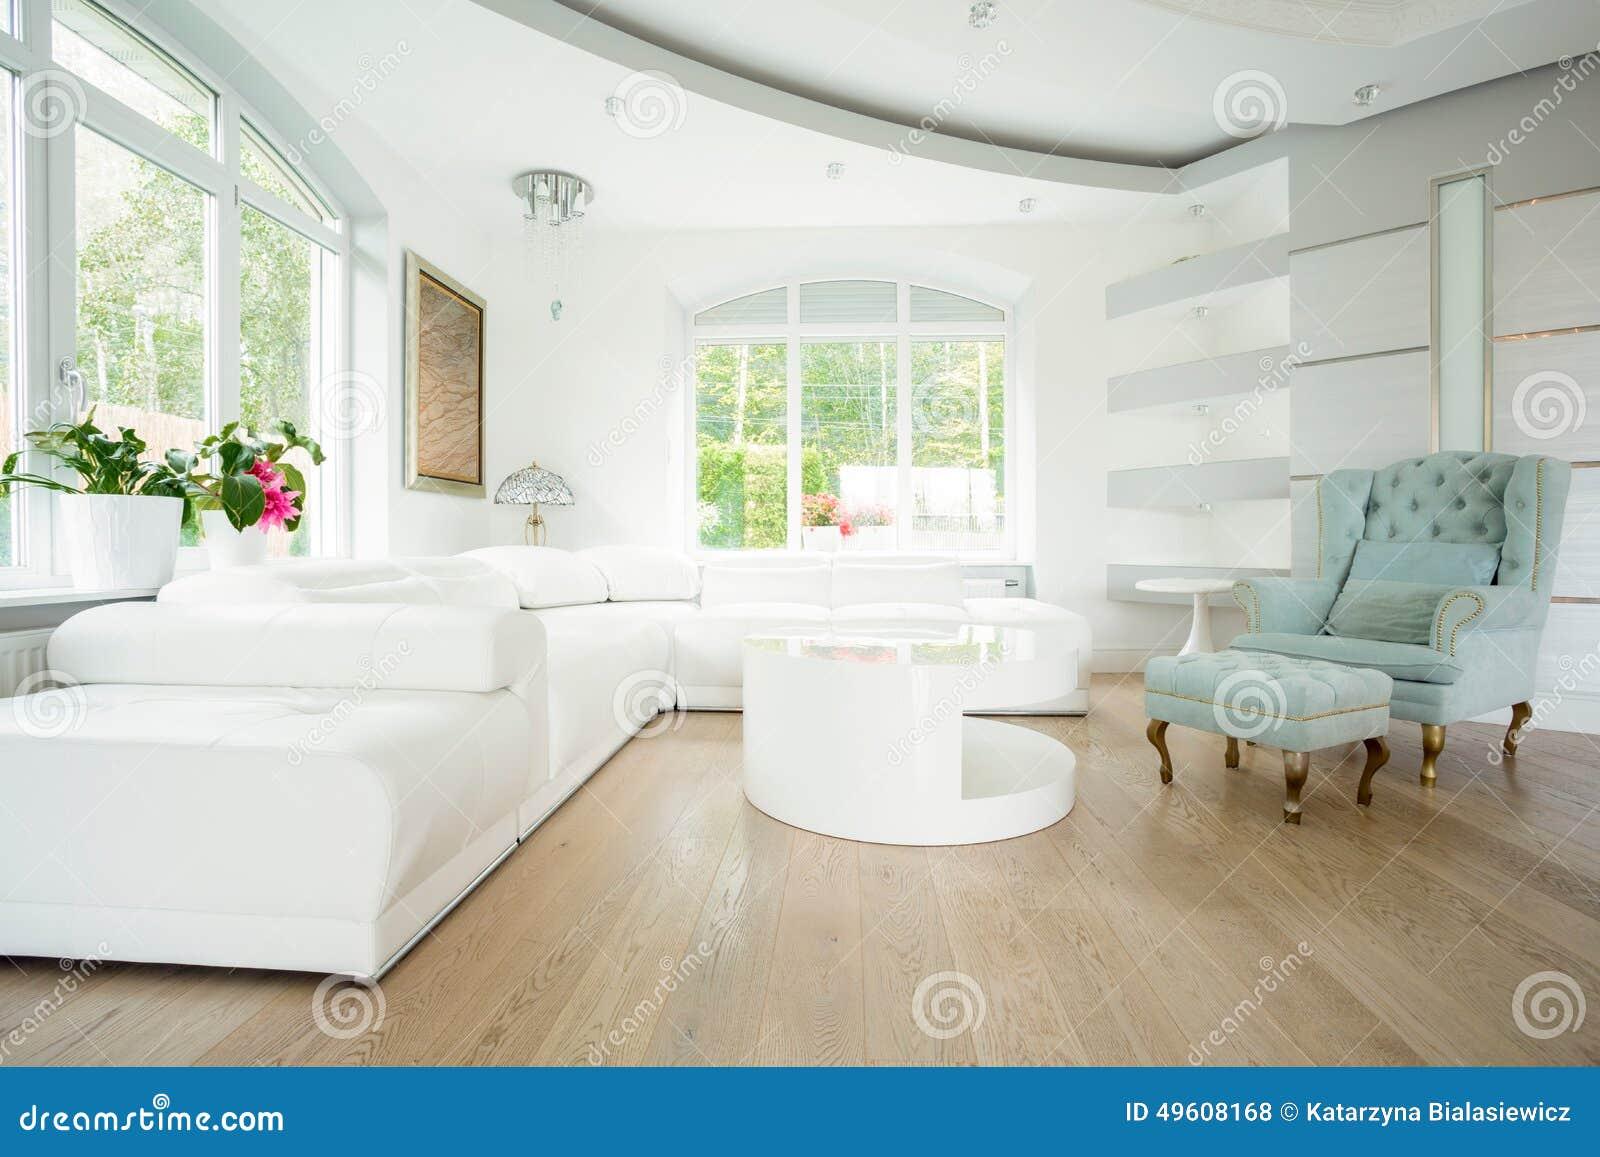 Luxewoonkamer In Pastelkleuren Stock Foto - Afbeelding: 49608168